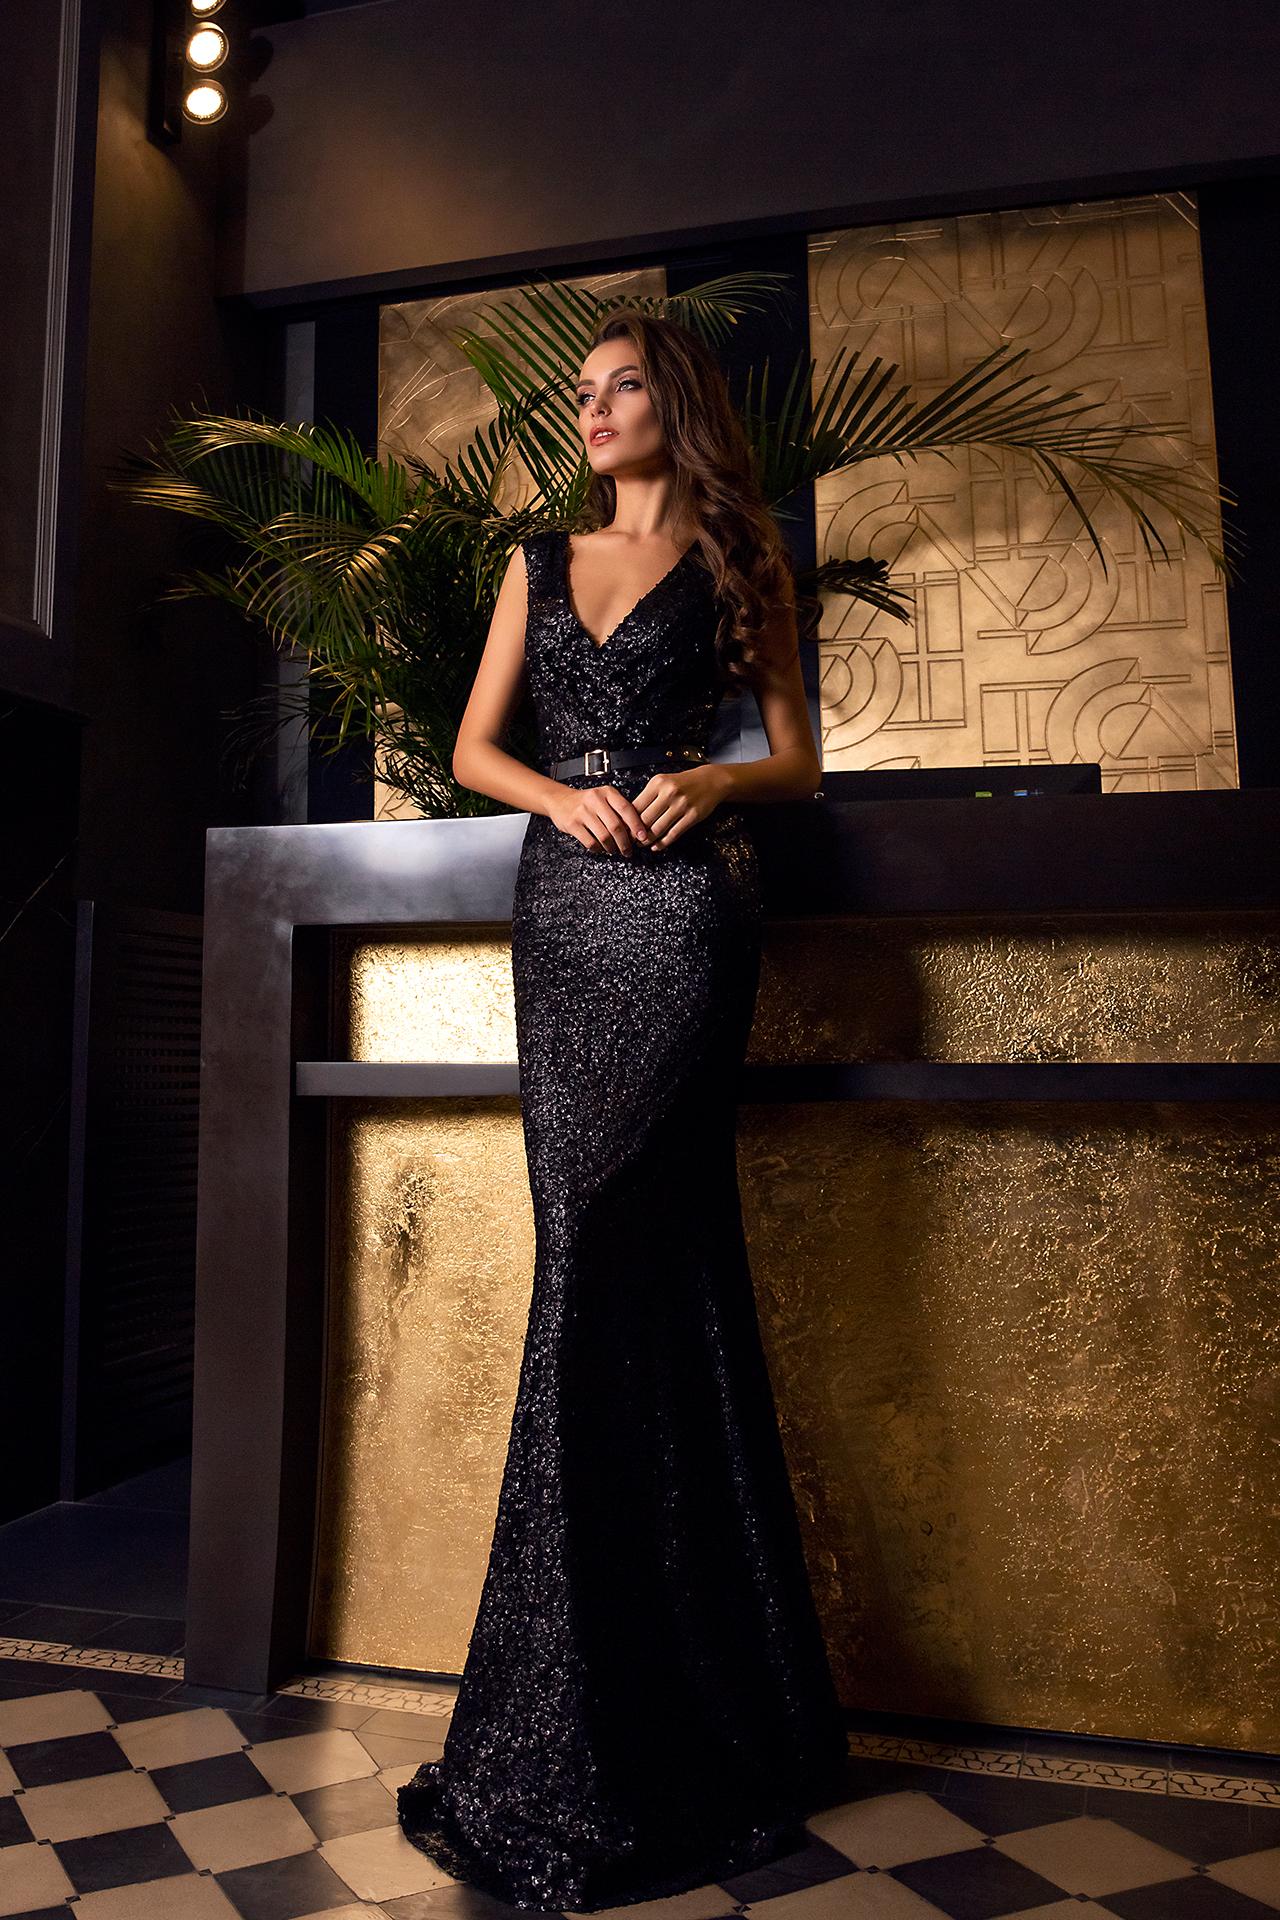 Sukienki Wieczorowe 1474 Sylwetka  Dopasowana sukienka   Kolor  Black  Dekolt  Portret (dekolt w serek)  Rękawy  Szerokie ramiączka  Flex  Bez trenu